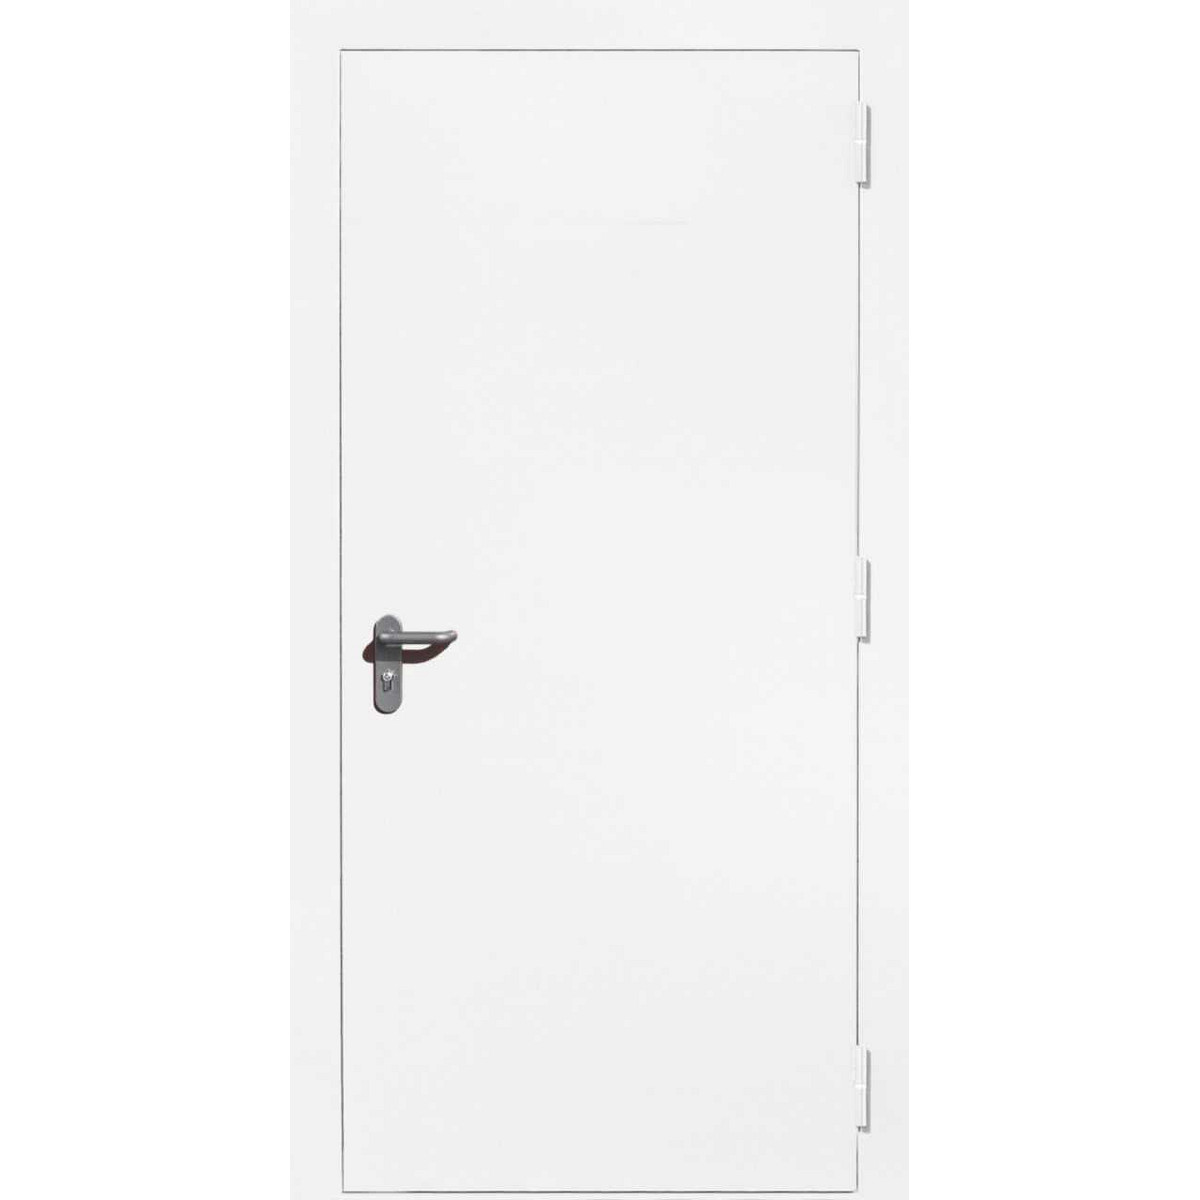 Дверь противопожарная дымогазонепроницаемая 01-EIS 9016 97х207 см правая цвет белый